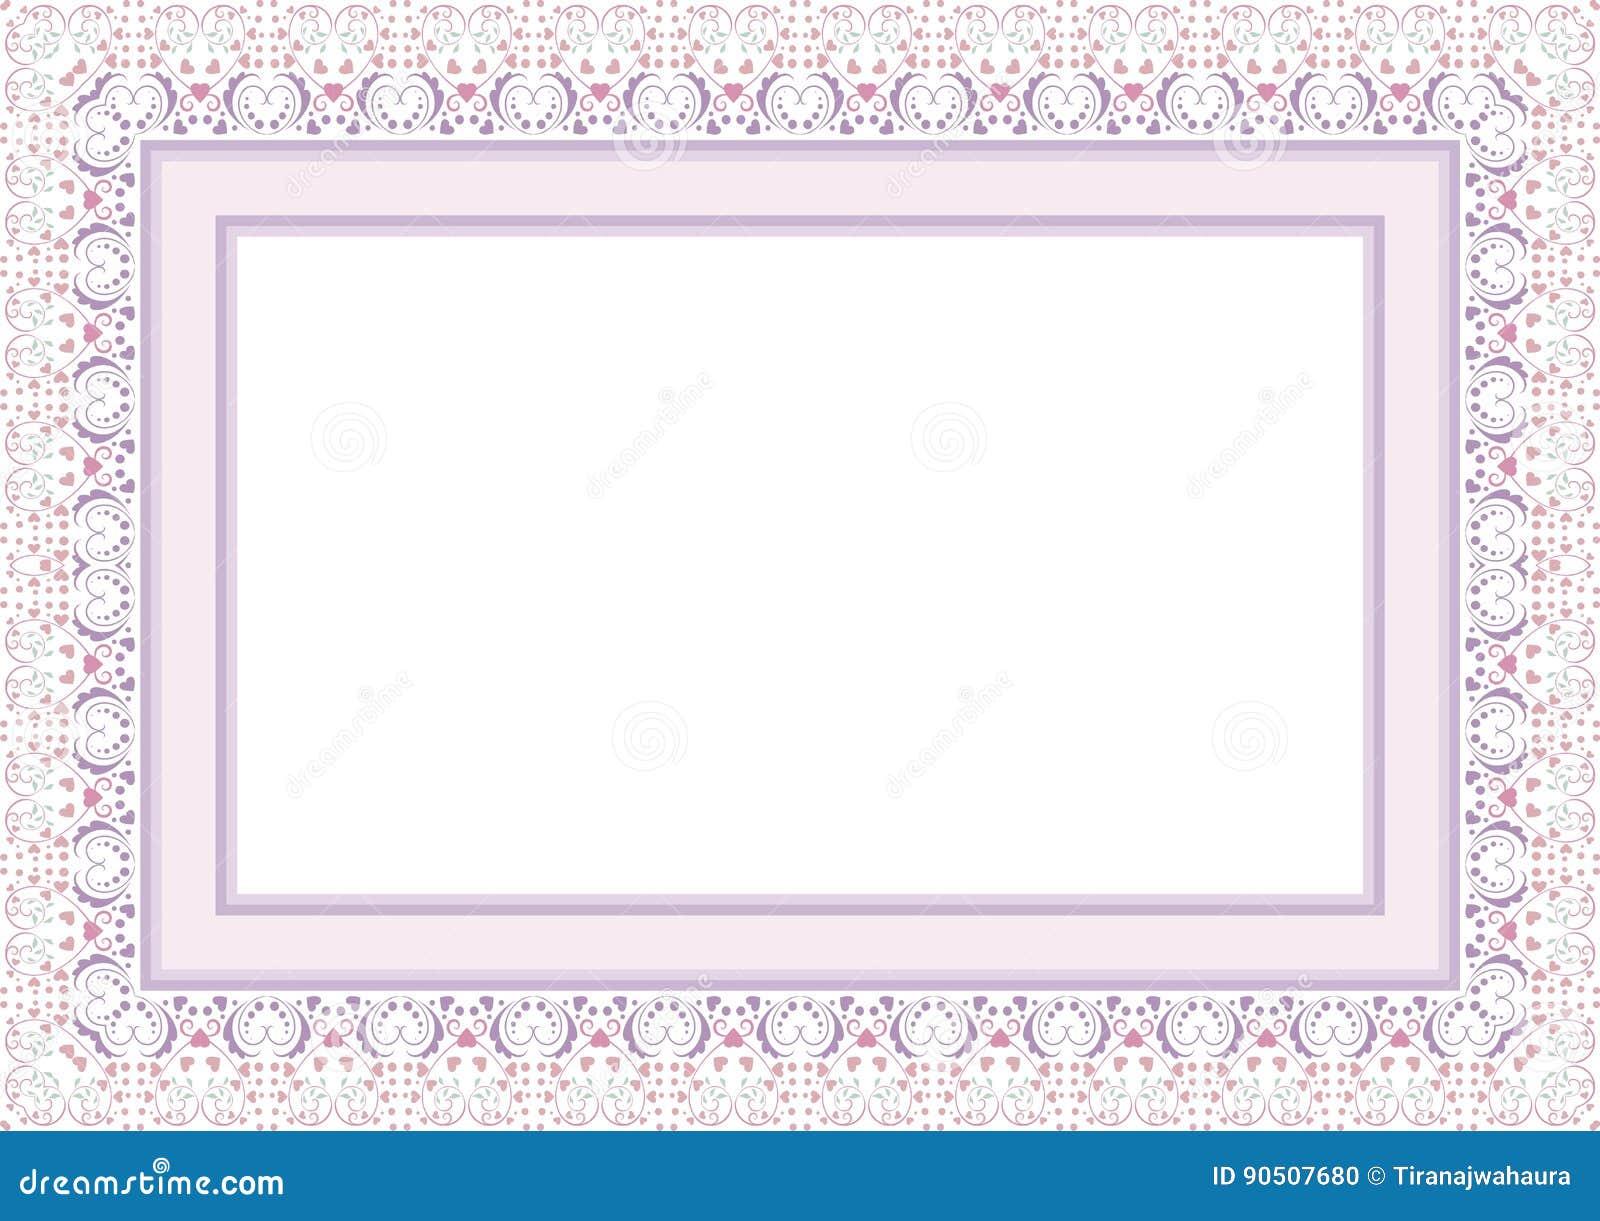 Frame Border With Lovely Design Stock Photo